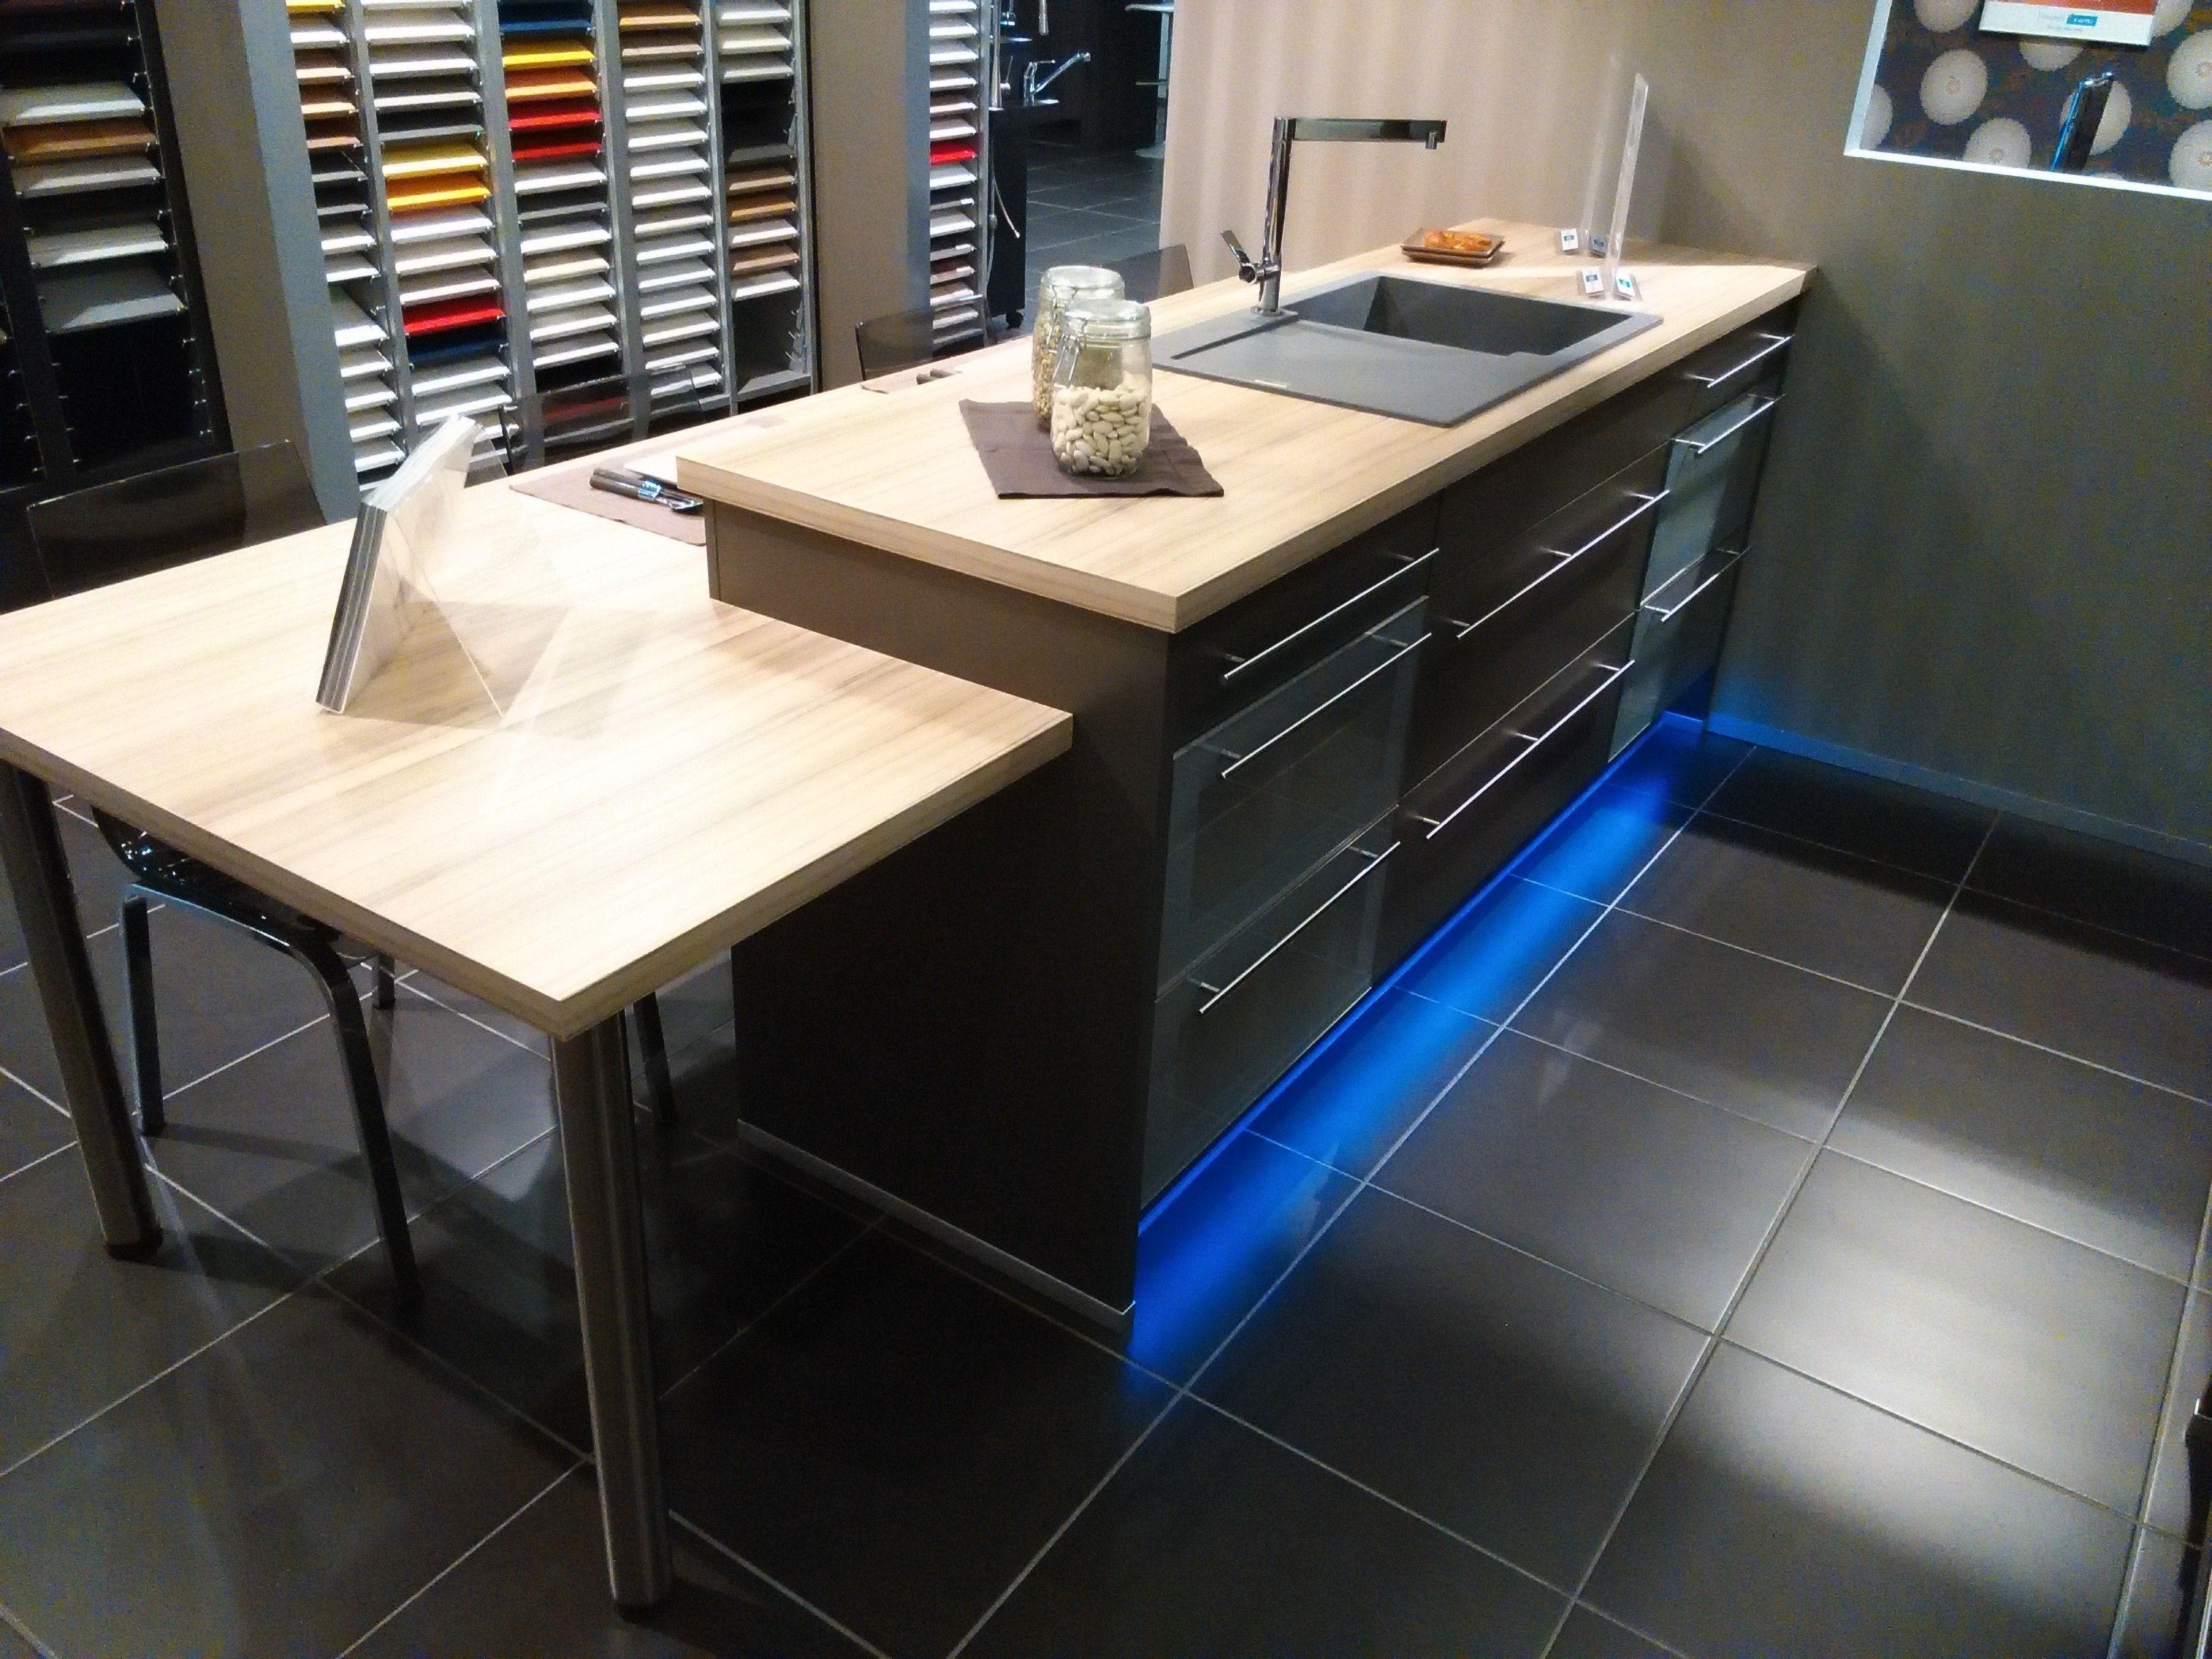 Berühmt Küchendesign Geelong Victoria Galerie - Ideen Für Die Küche ...